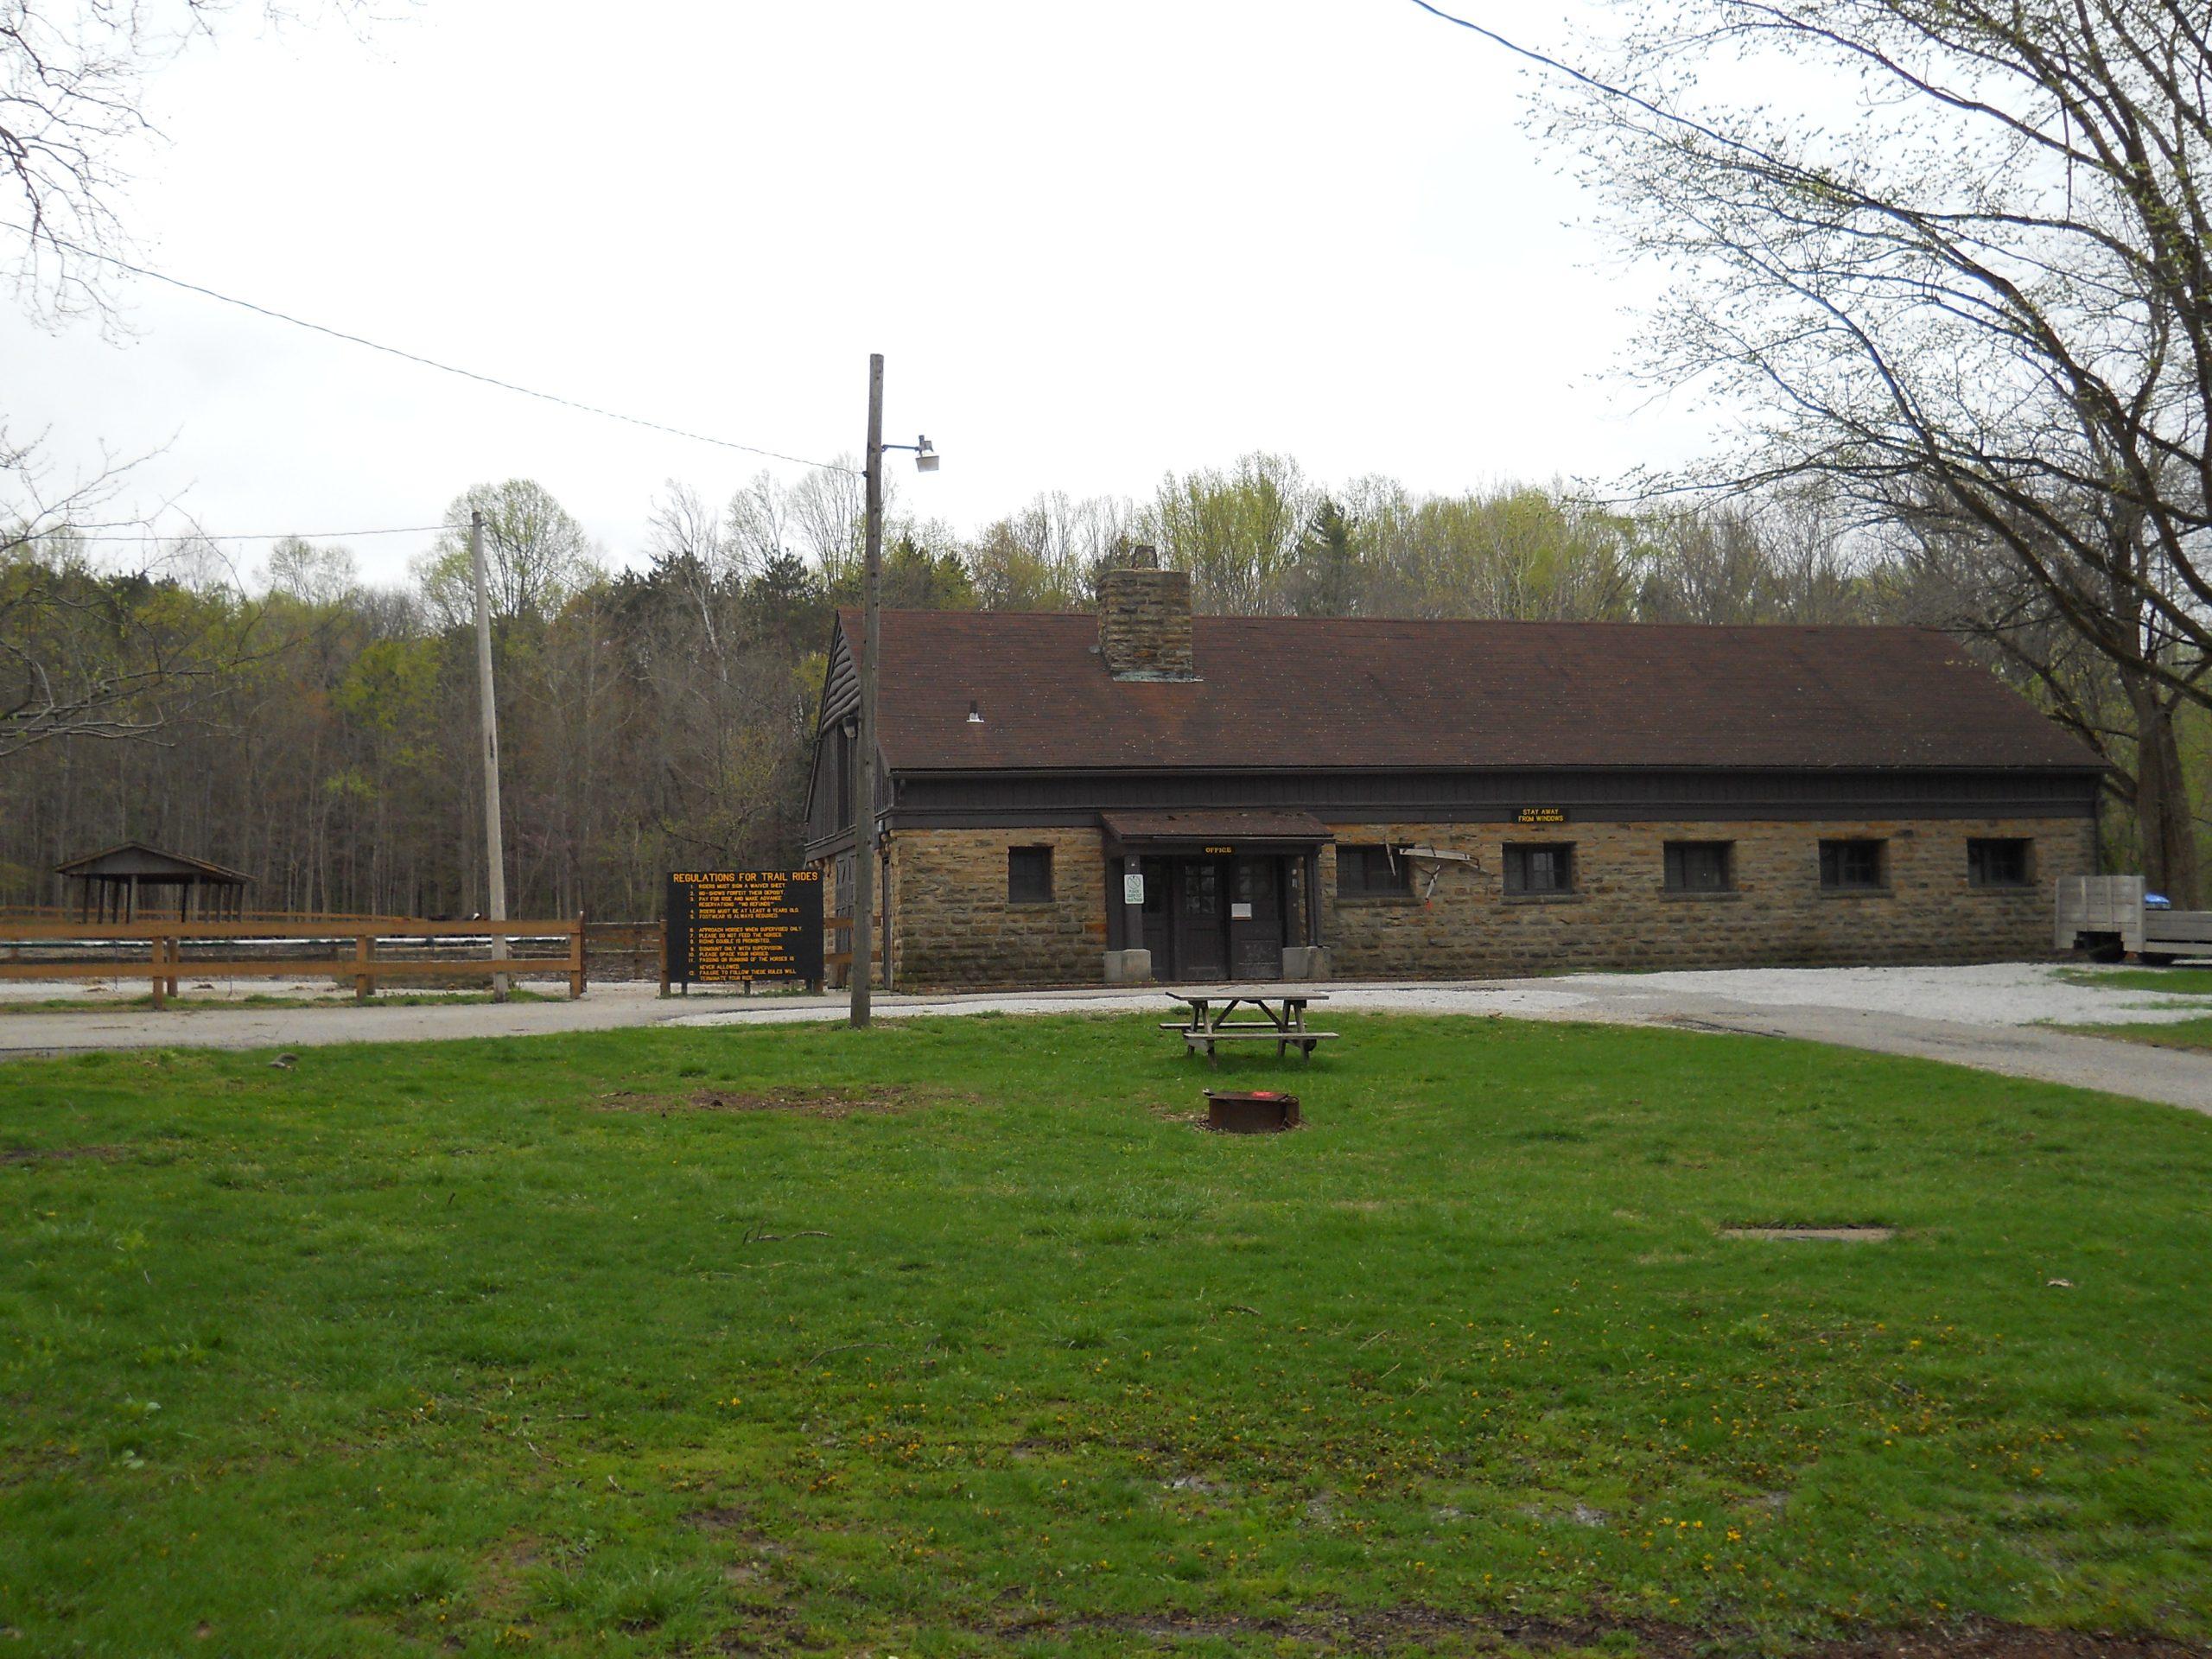 Saddle Barn at Turkey Run State Park